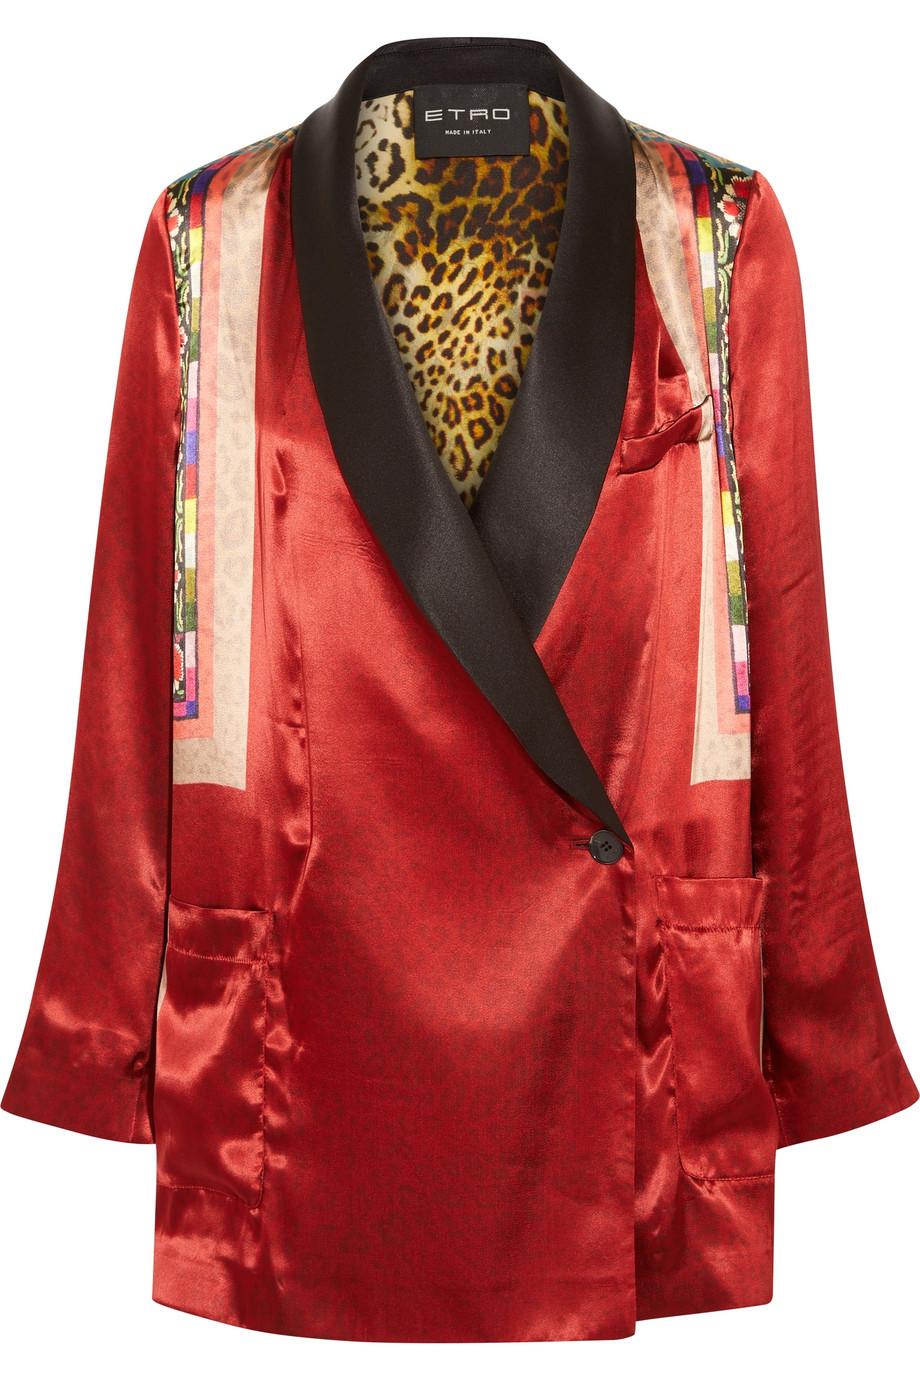 Etro | Printed satin jacket | NET-A-PORTER.COM